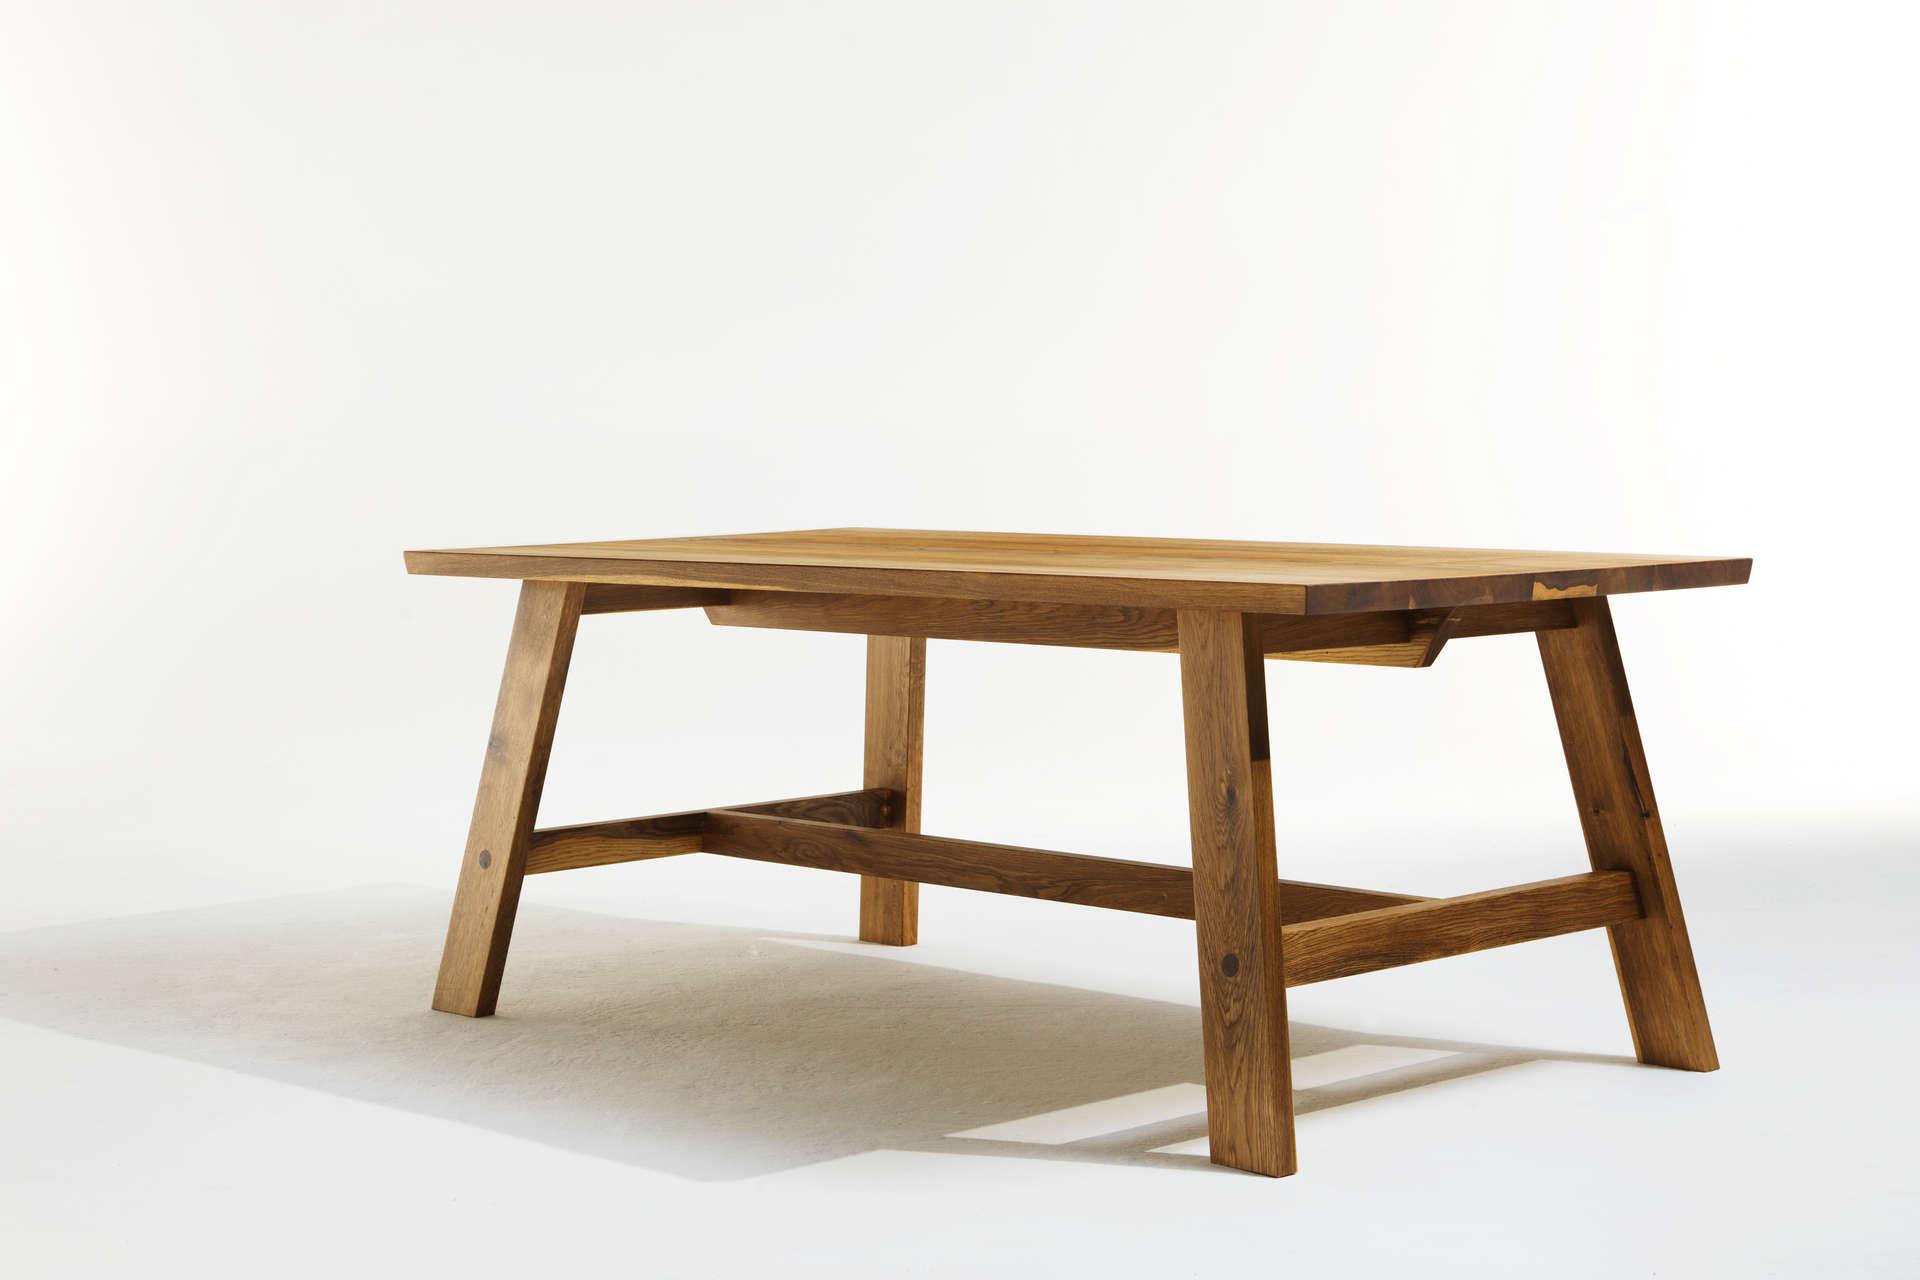 massives Tischgestell eines modernen Bauerntisches.